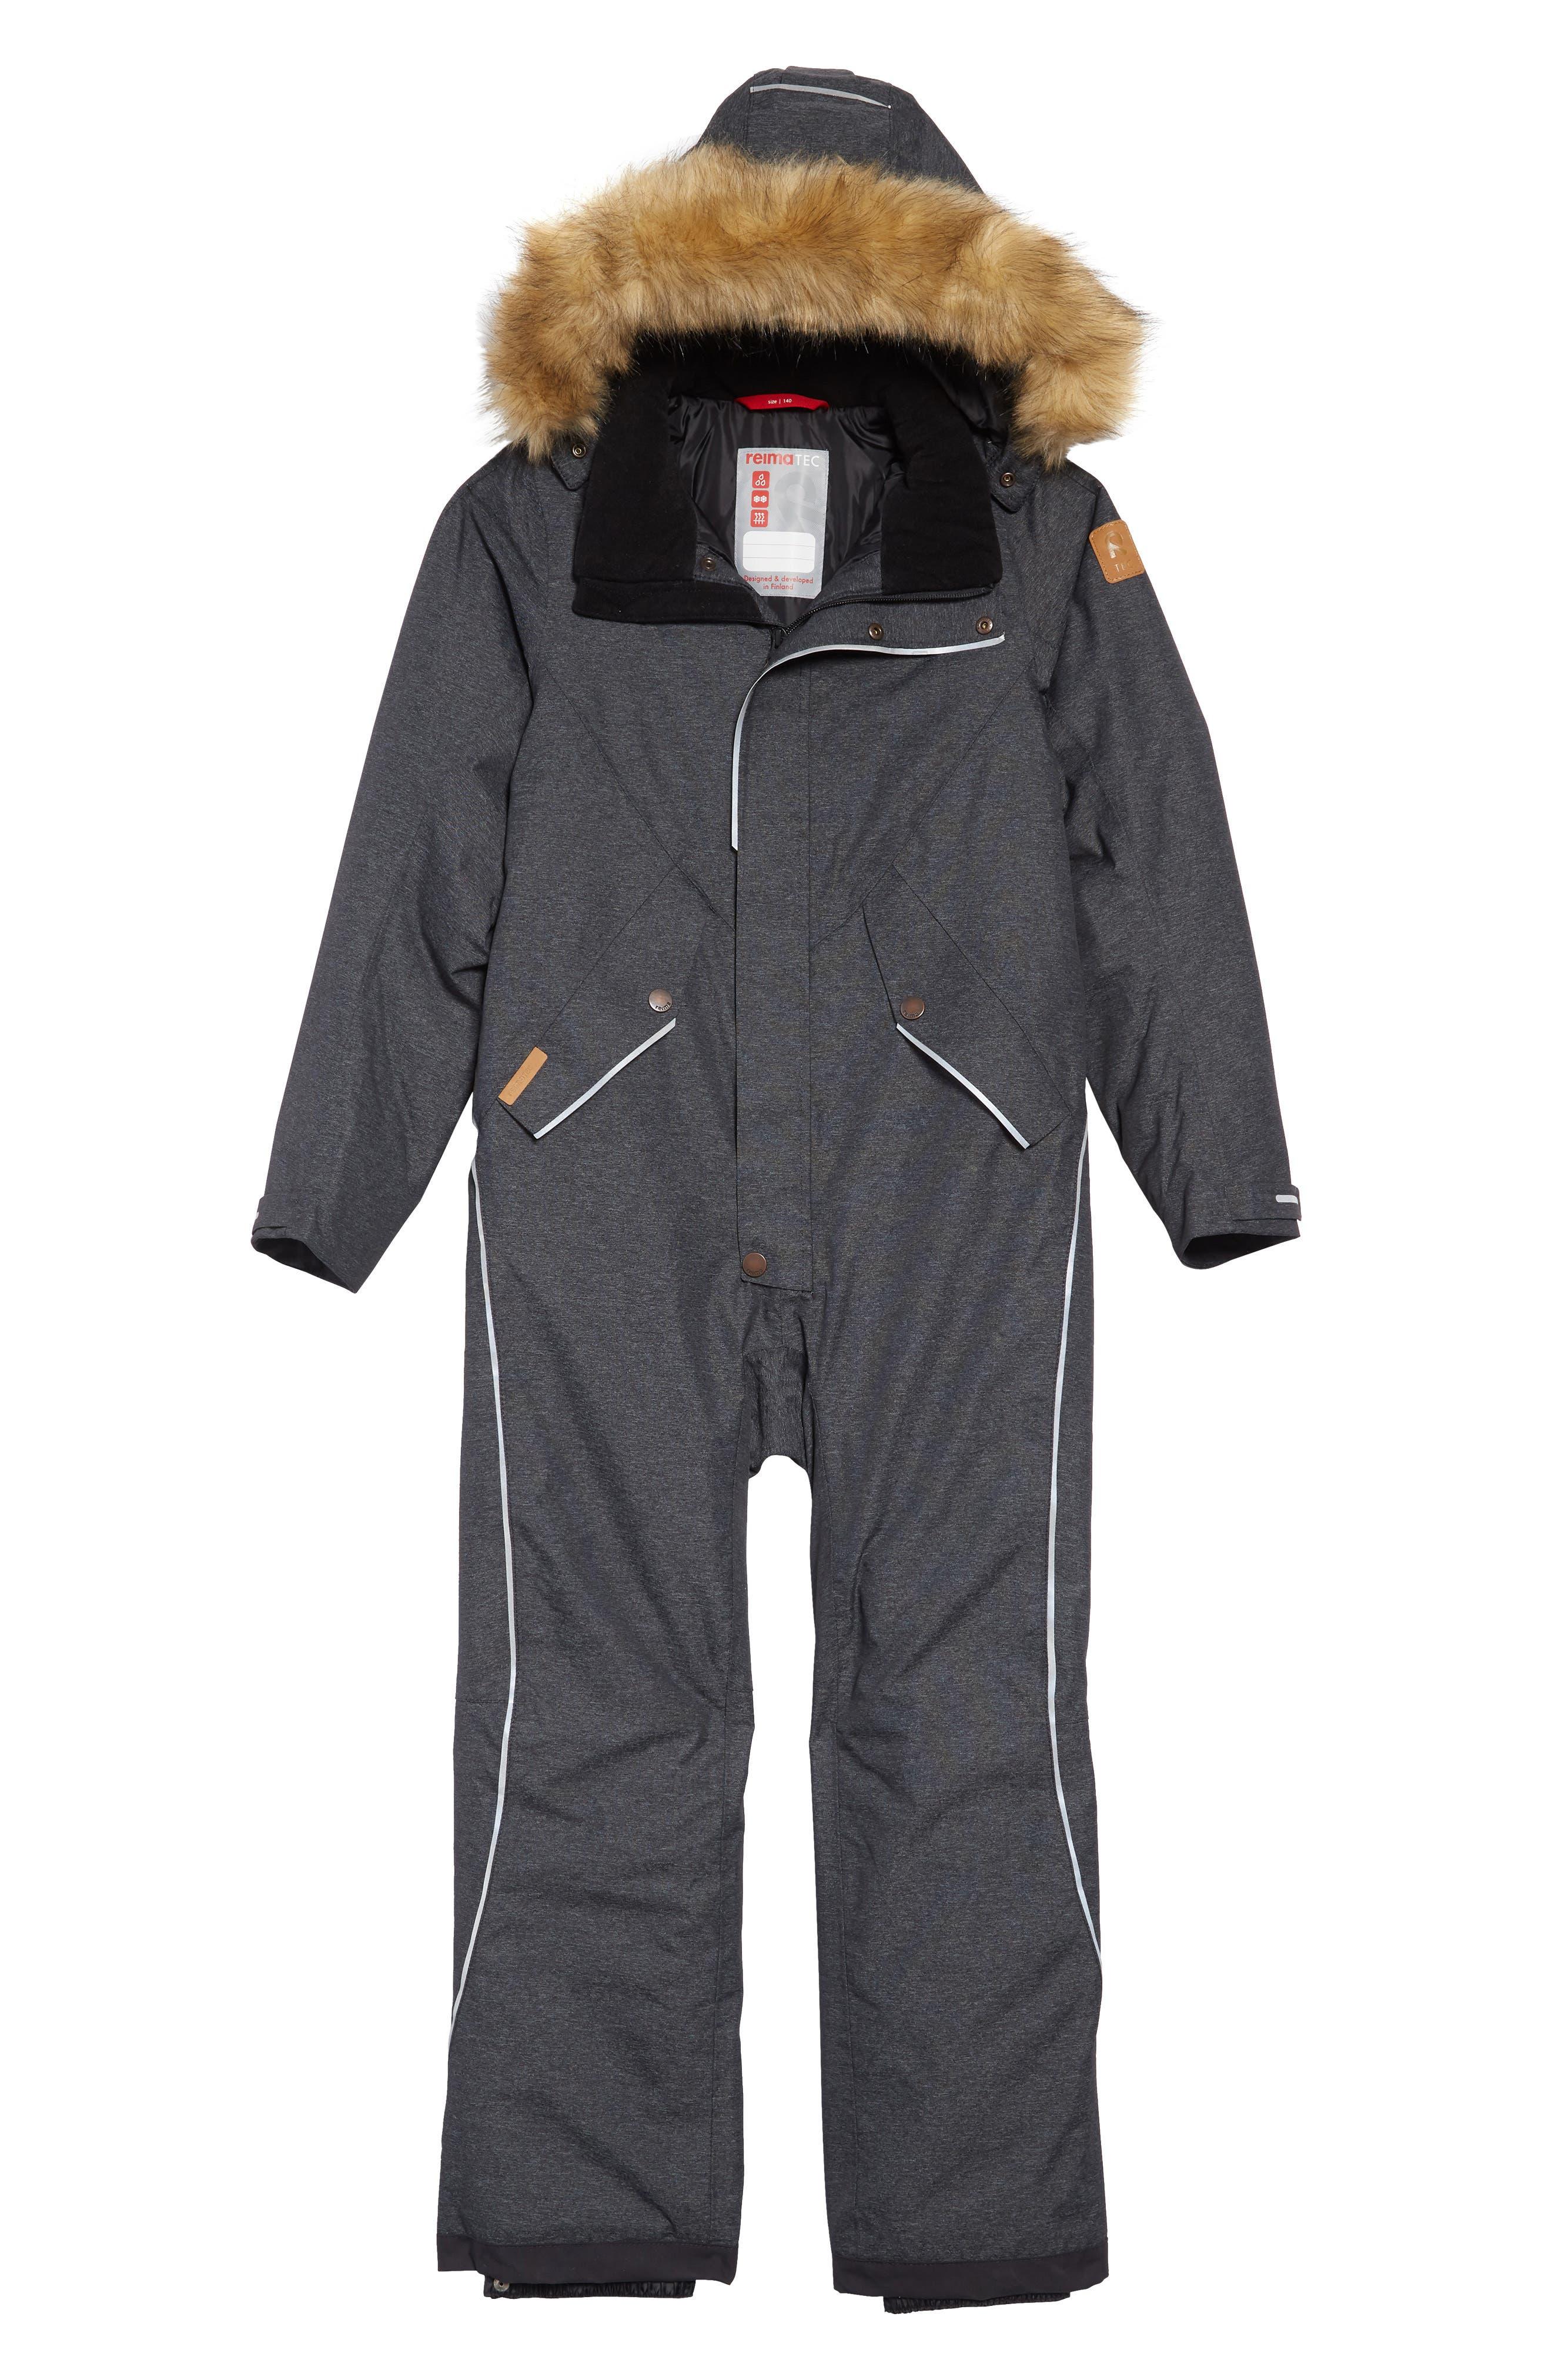 Boys Reima Vuoret Reimatec Waterproof Insulated Snow Suit With Faux Fur Trim Size 10Y  140 cm  Black